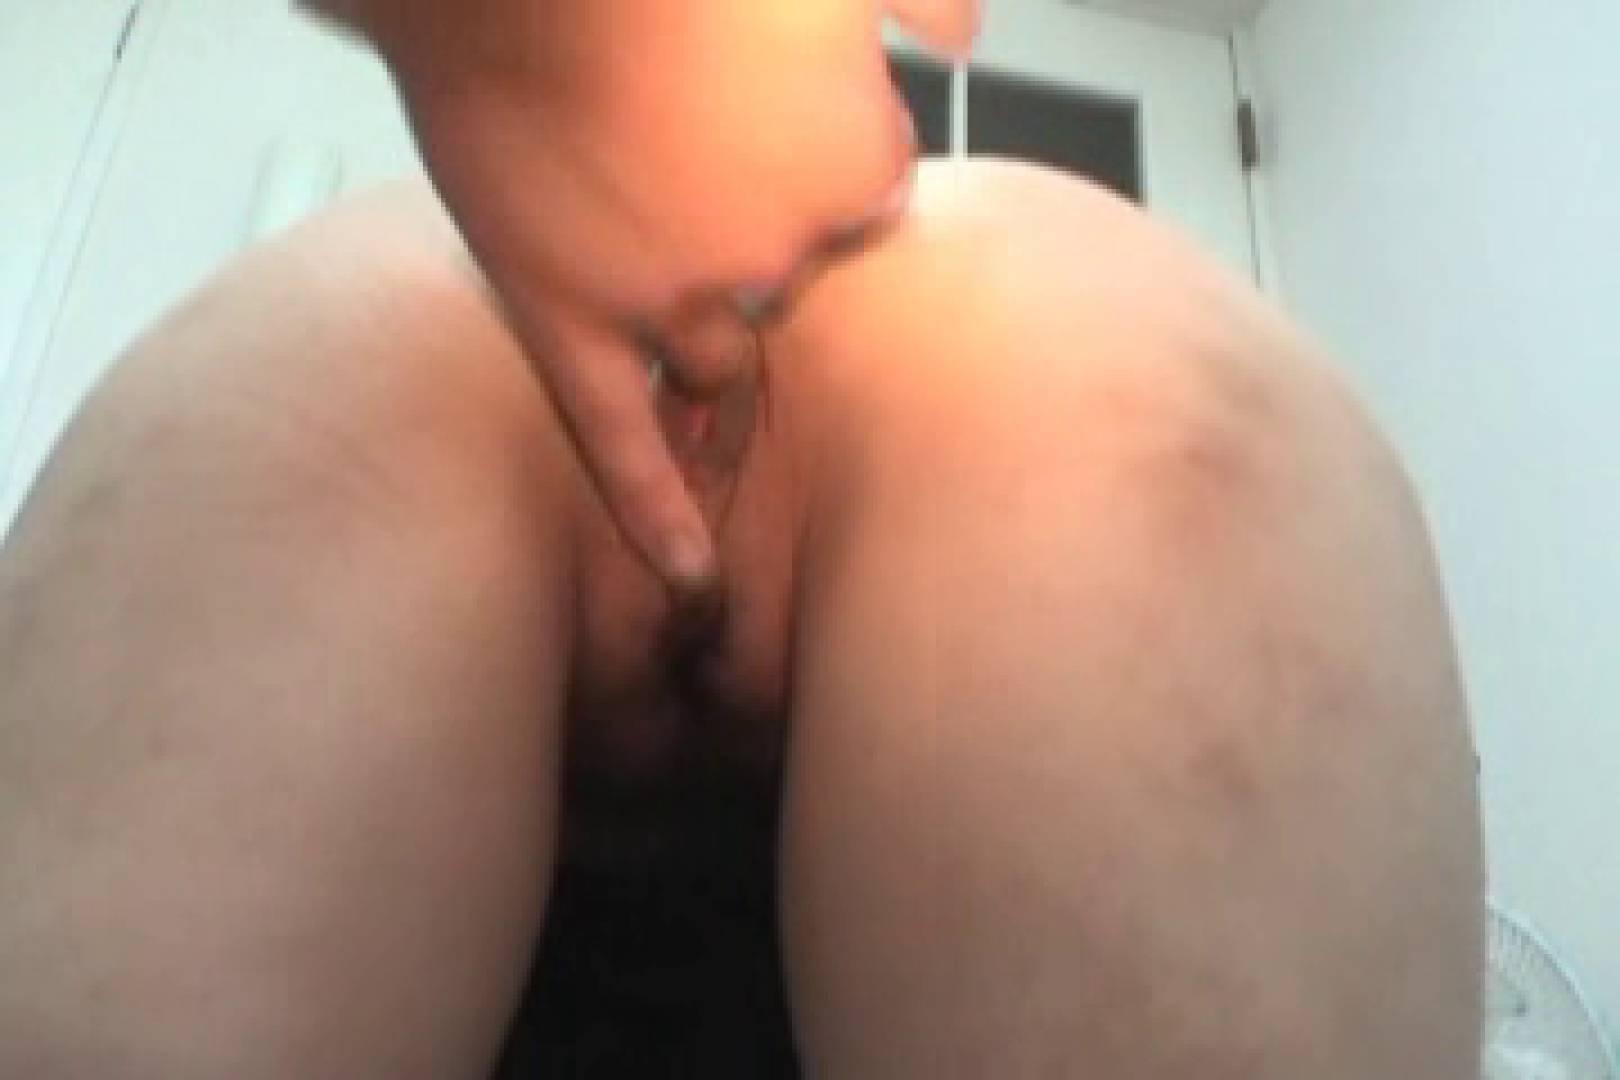 パンツ売りの女の子 ゆづきちゃんvol.1 一般投稿  110pic 48